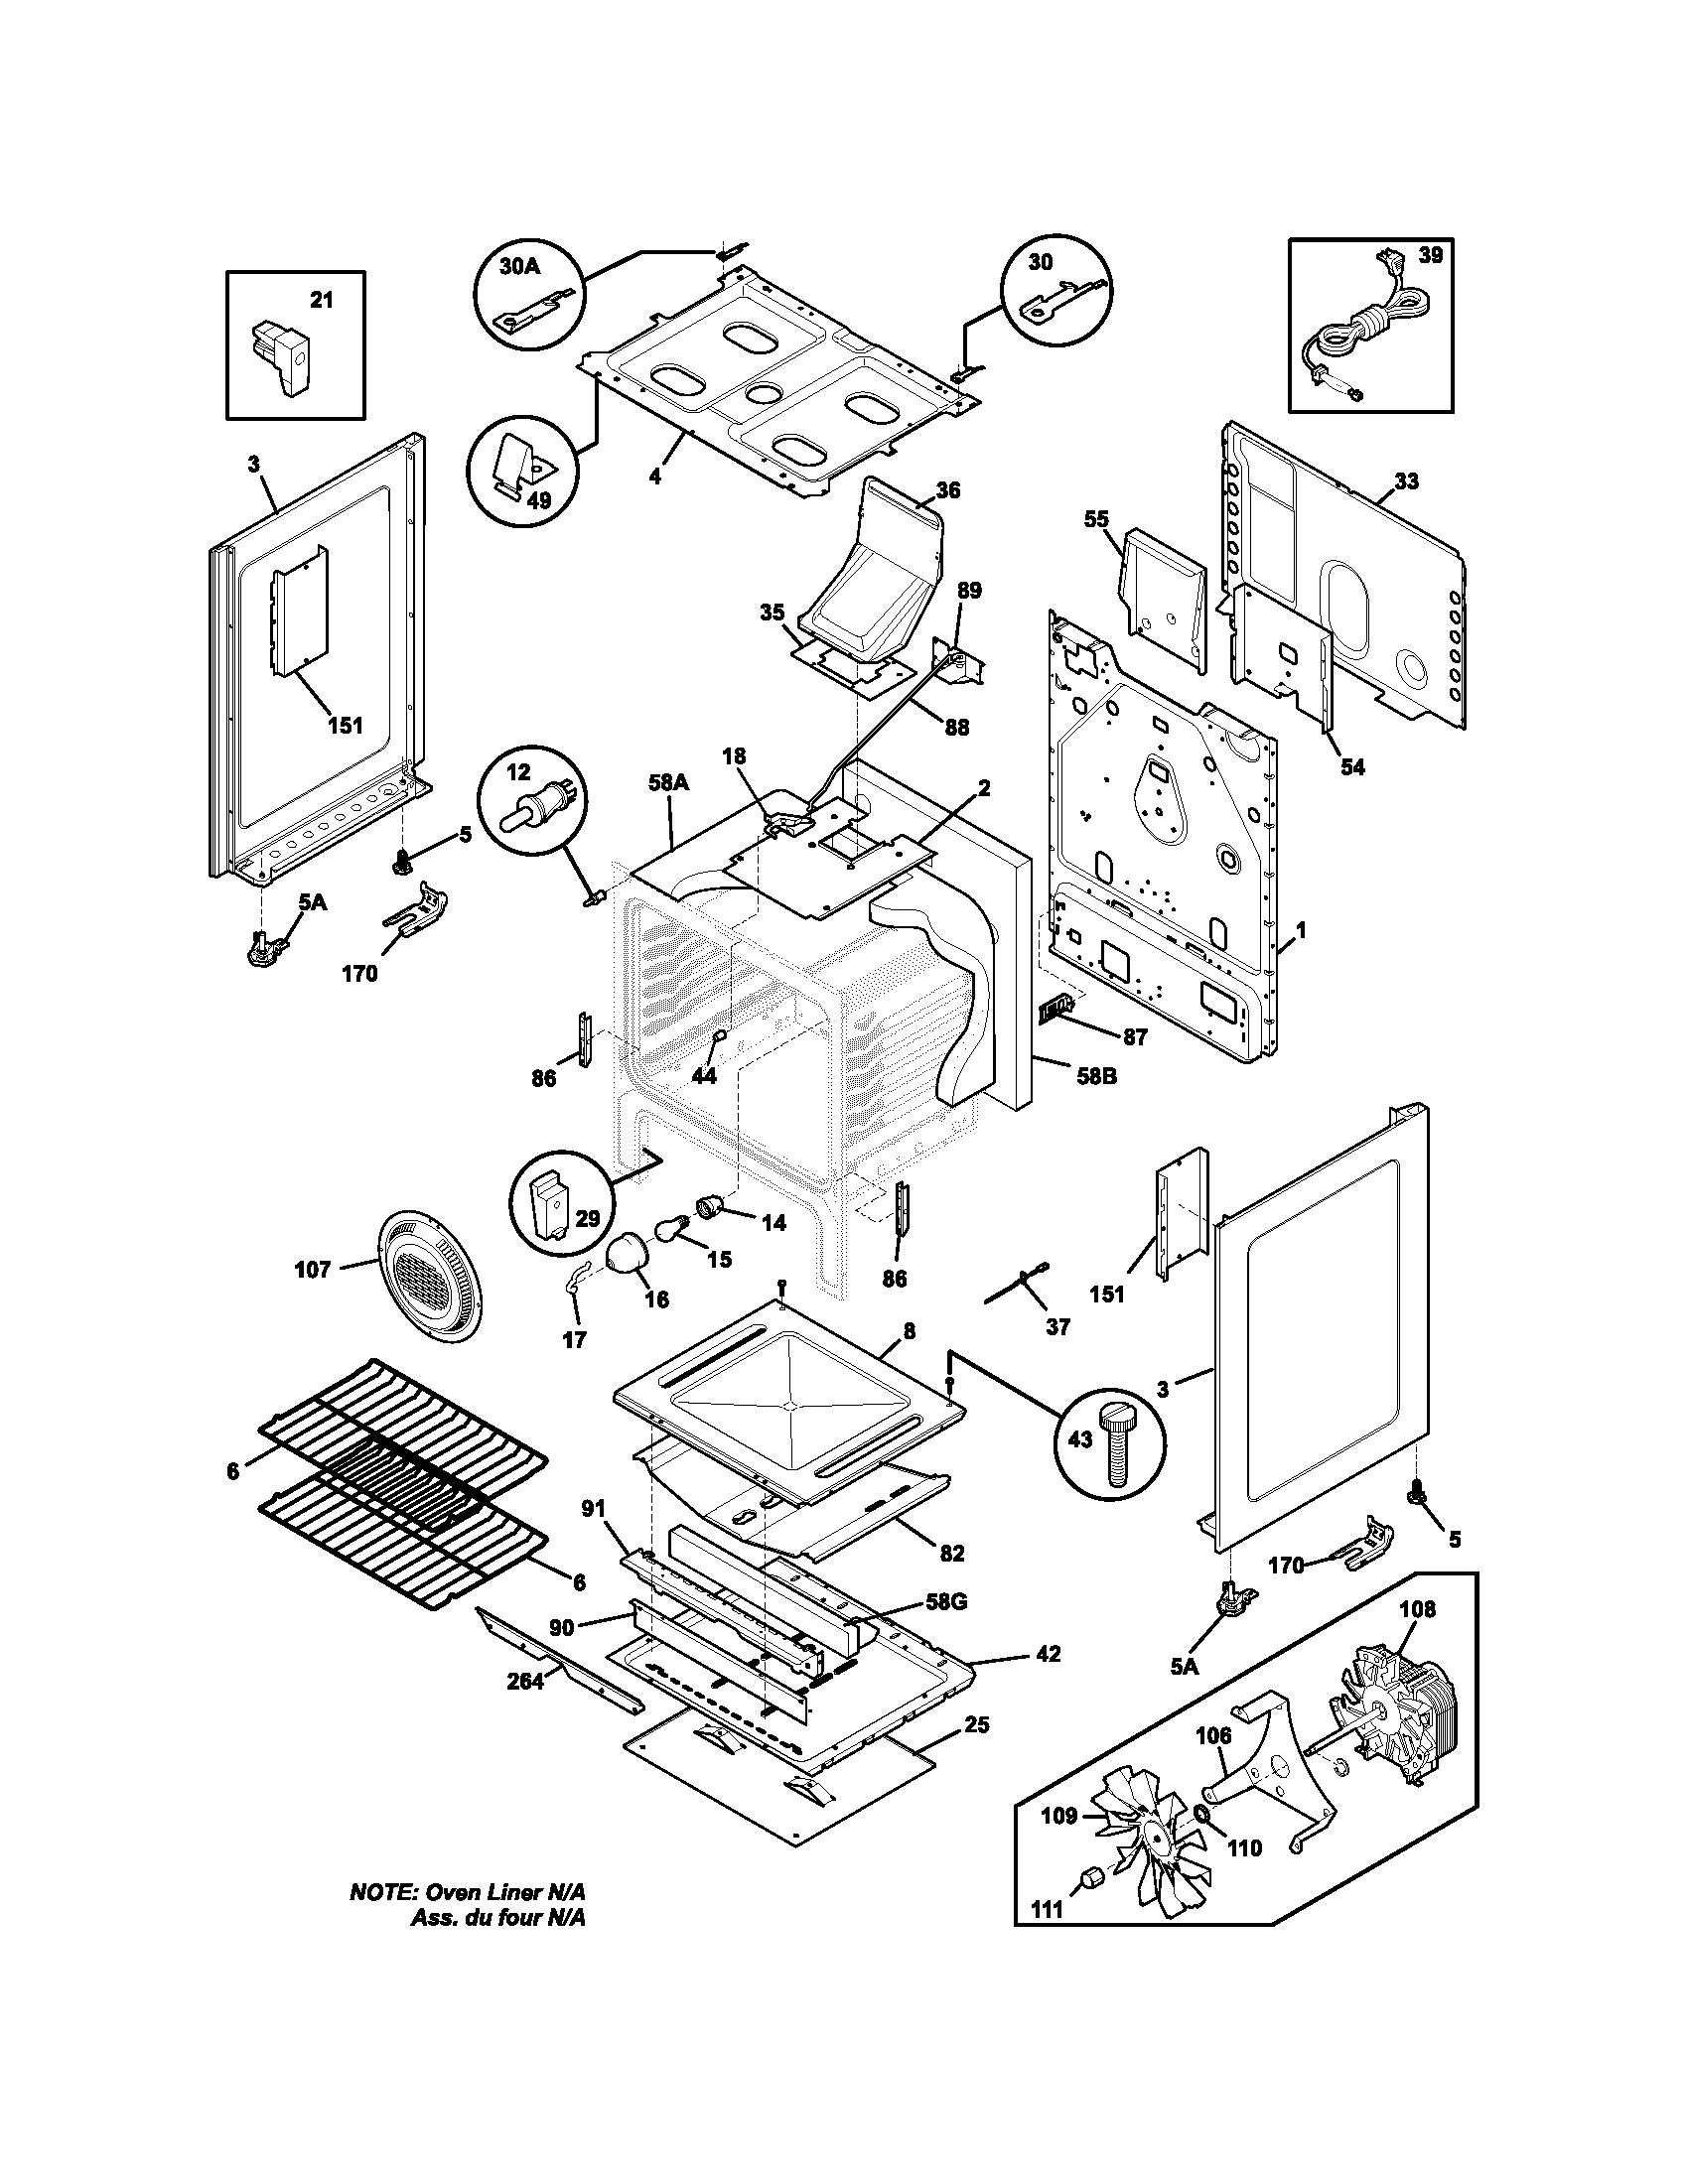 Wiring Diagram Wfw72hedw0